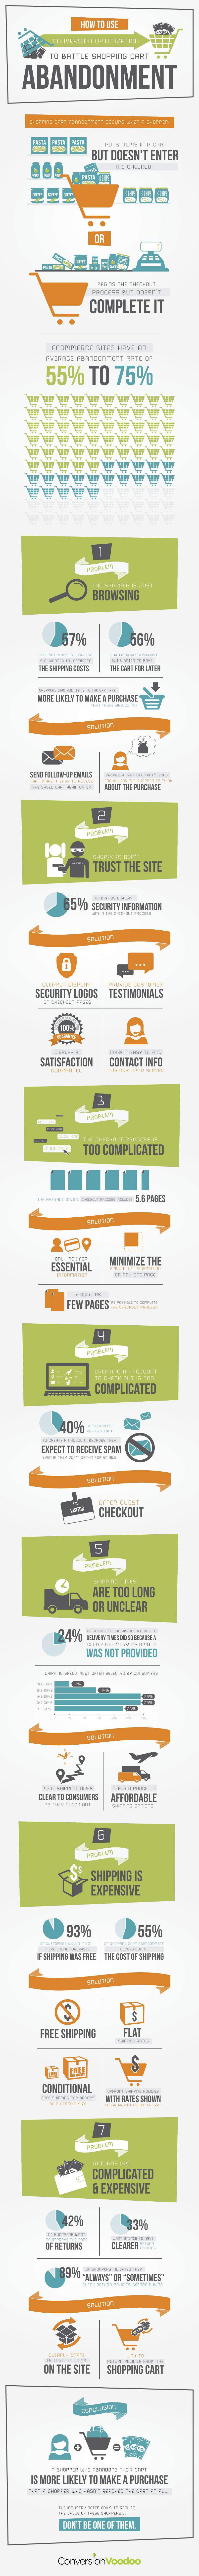 Paniers abandonnés : augmenter son taux de conversion (Infographie)